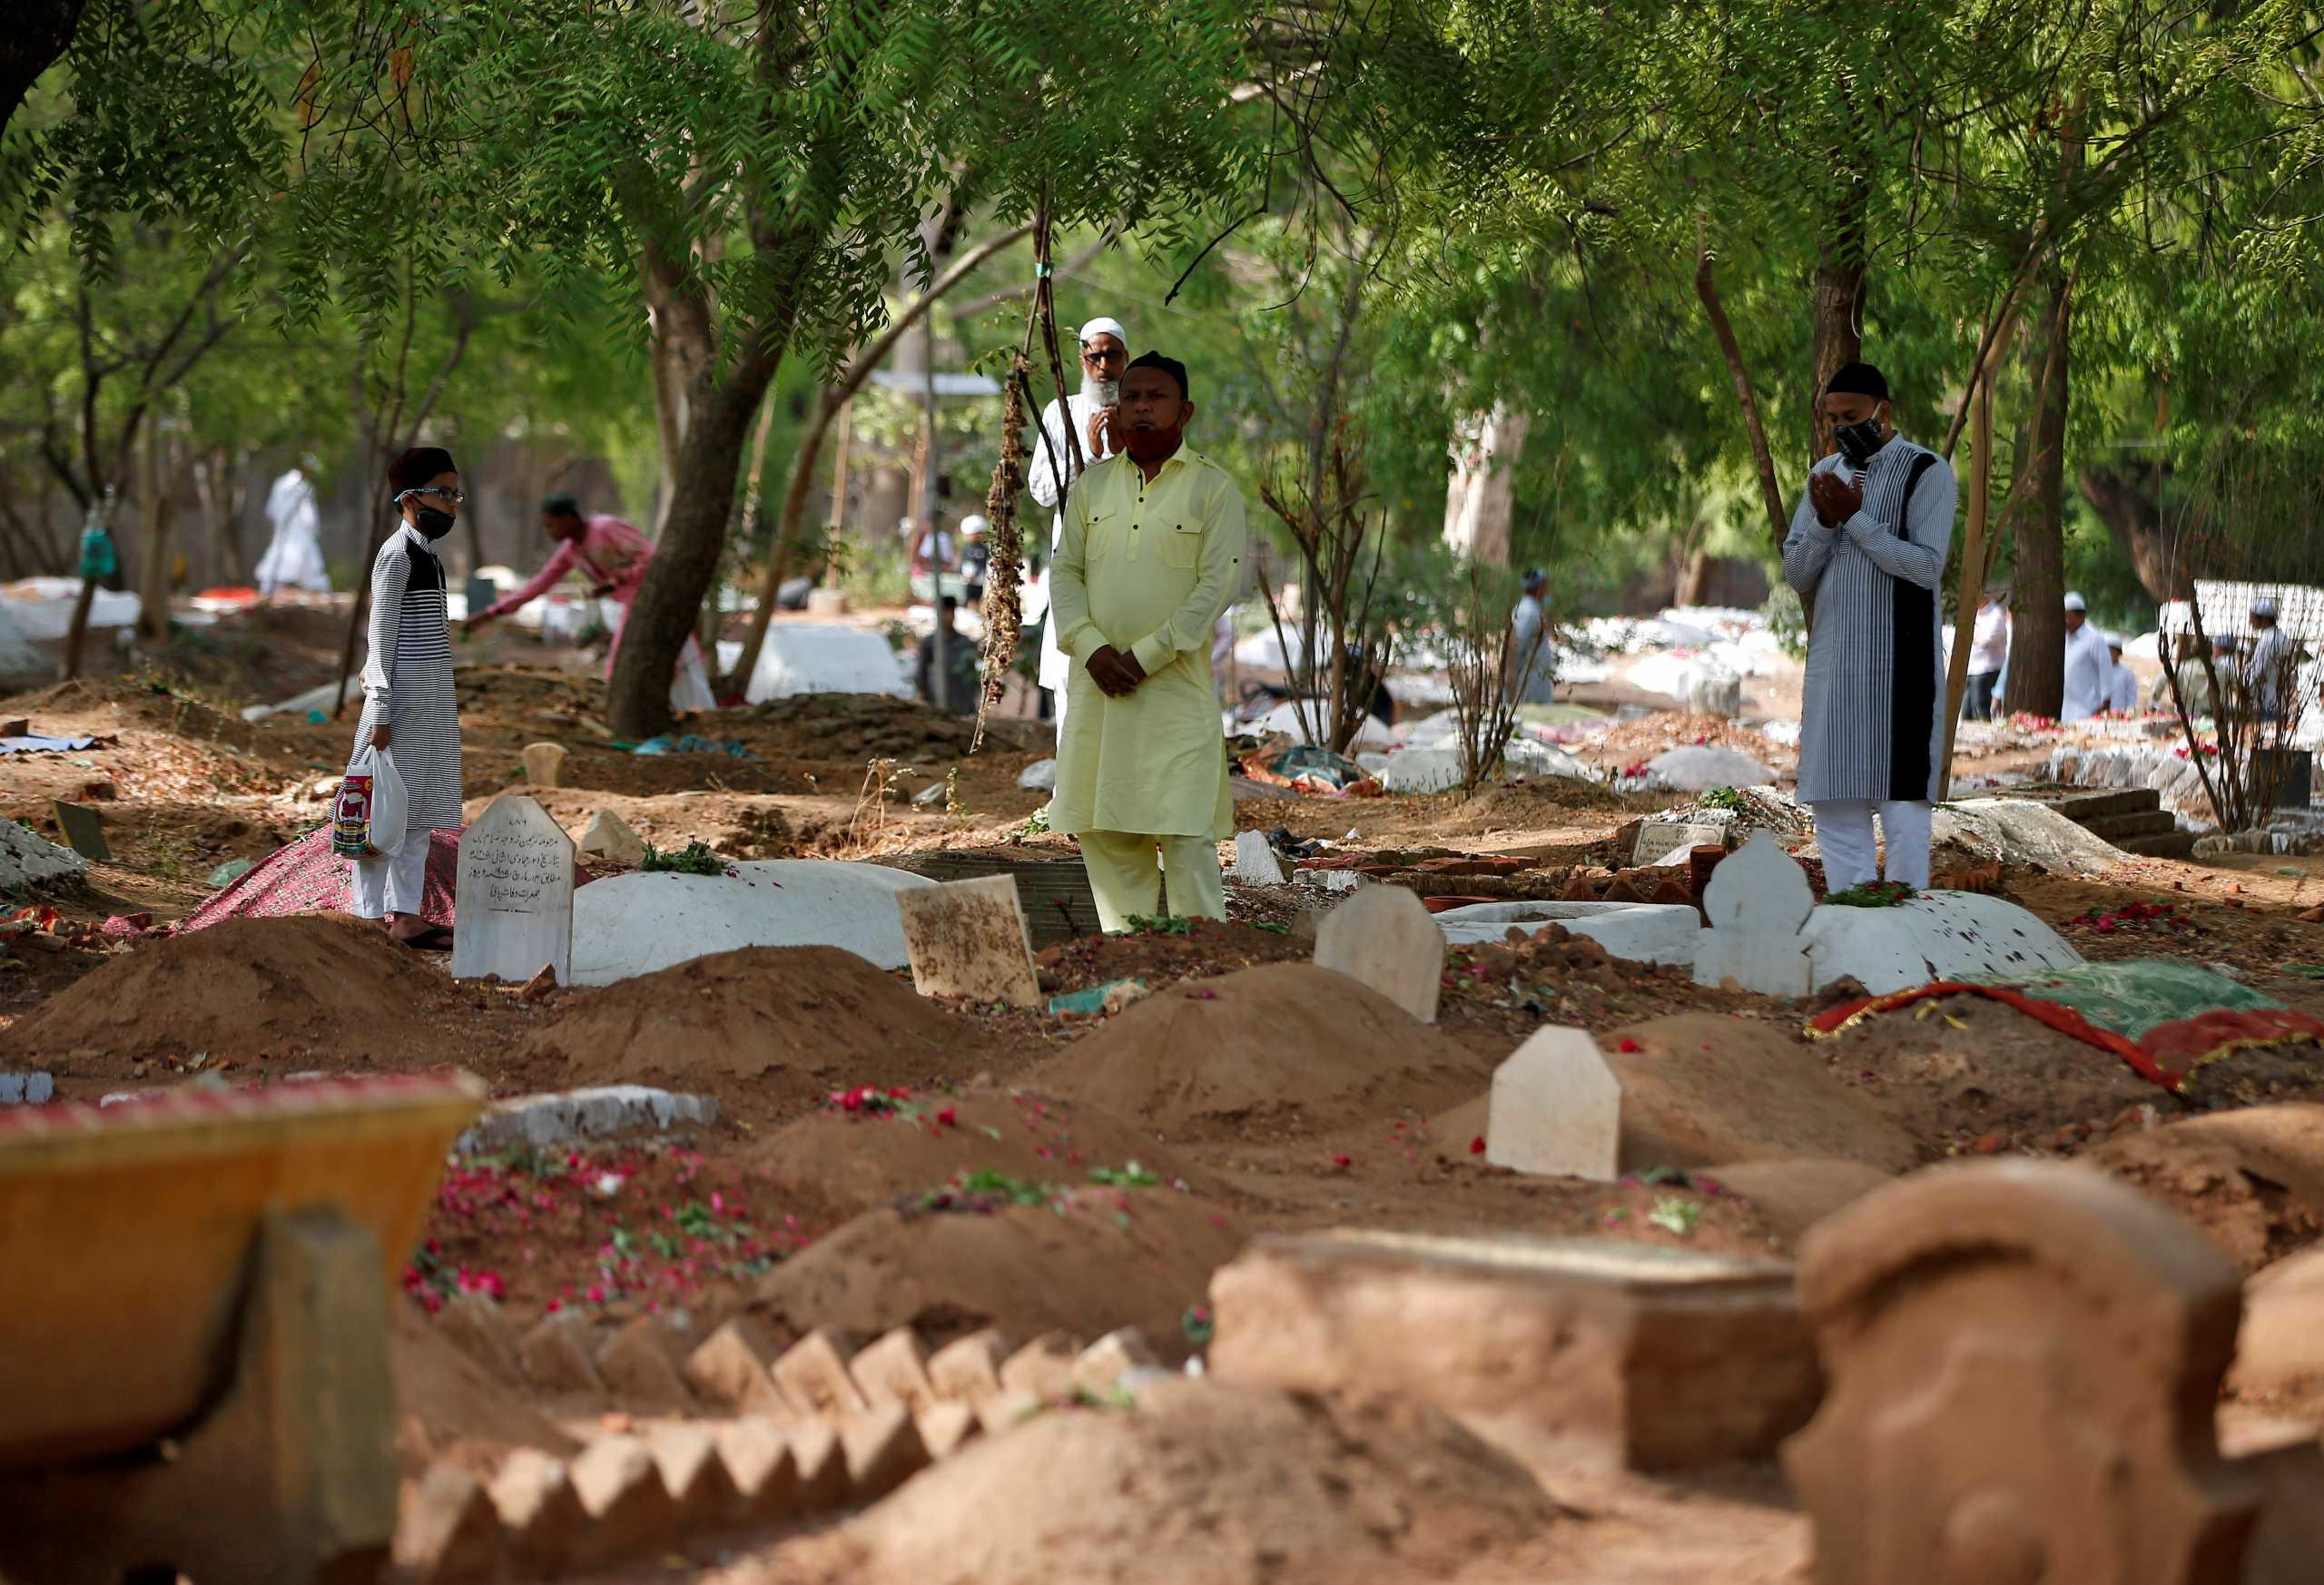 Η Ινδία ξεπέρασε τις 400.000 νεκρούς από κορονοϊό